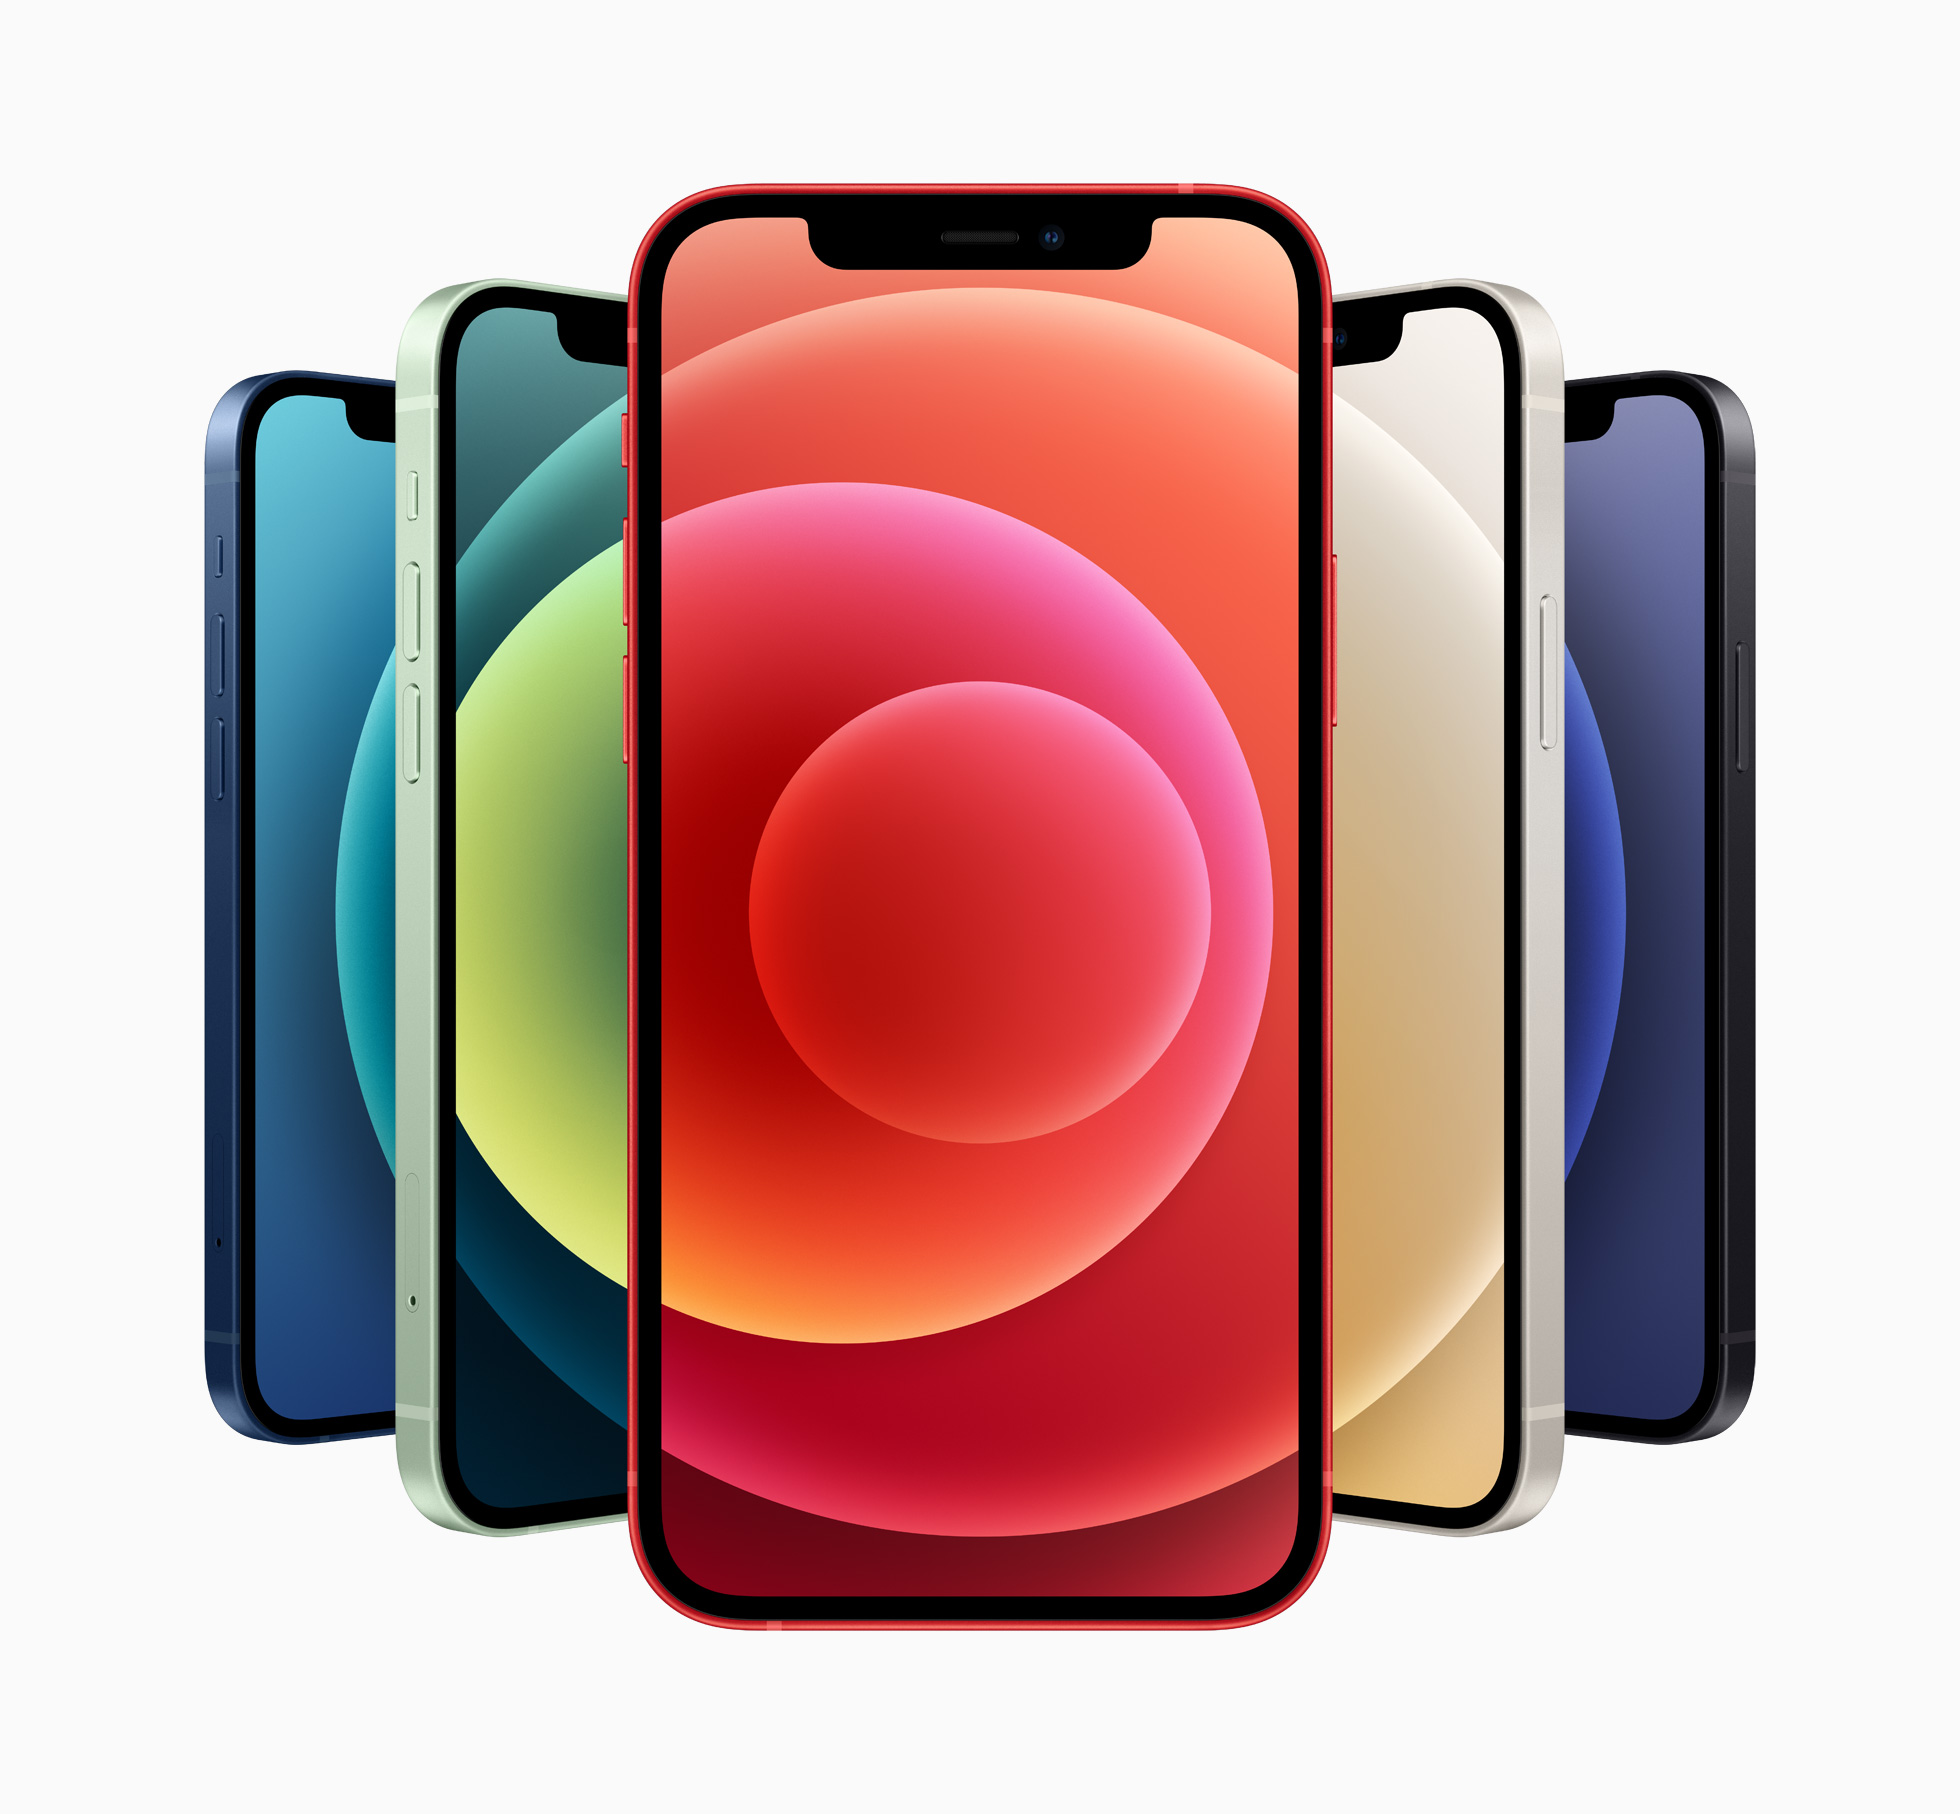 苹果发布iPhone 12 / iPhone 12 mini,5499 元起售